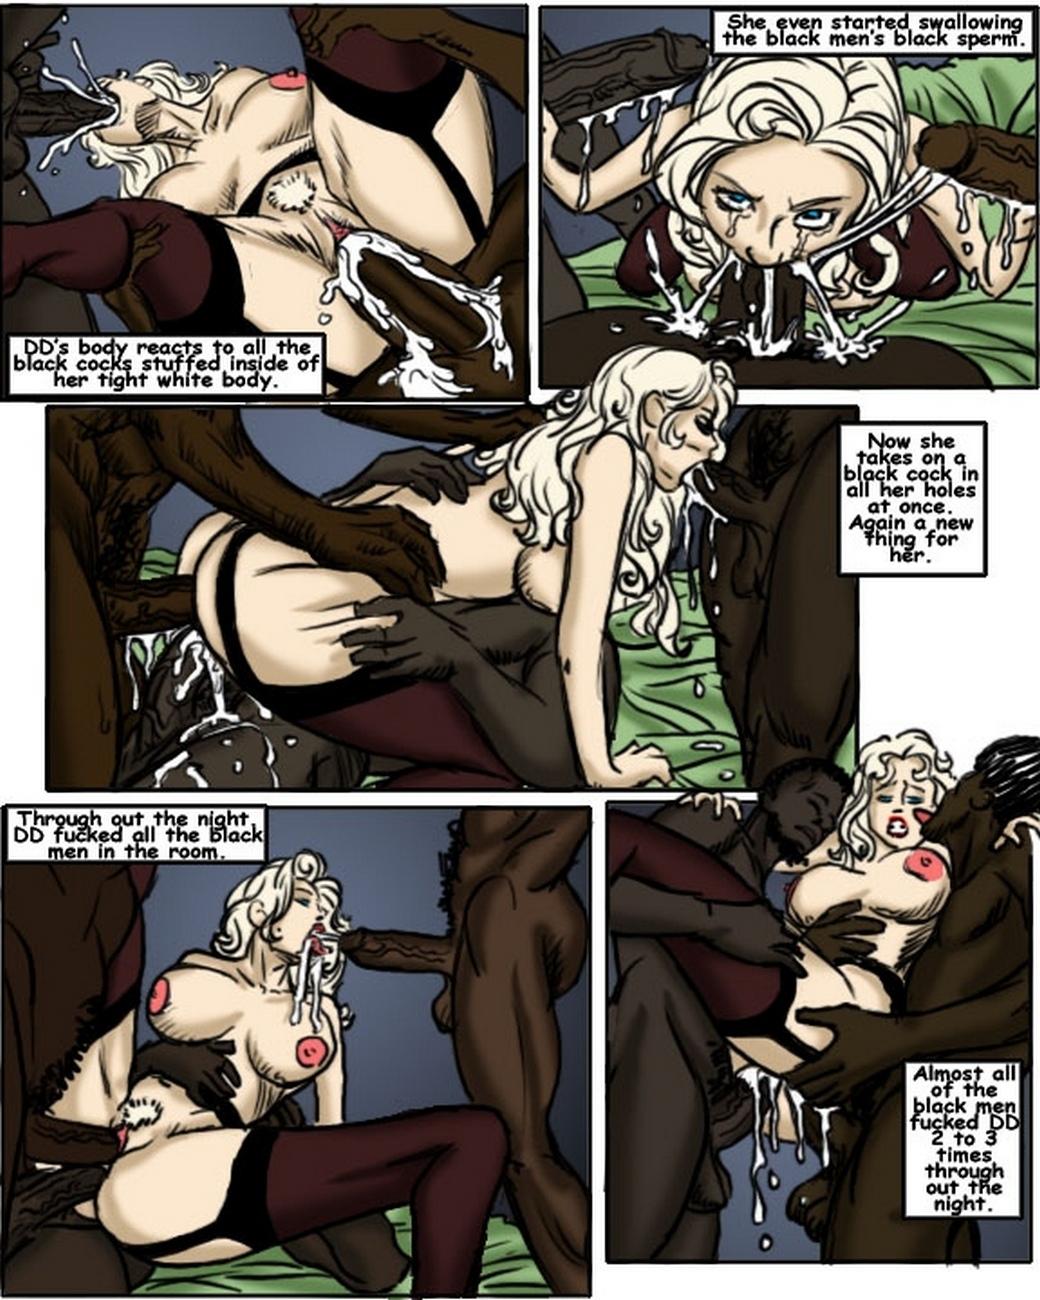 Breeding porn comics